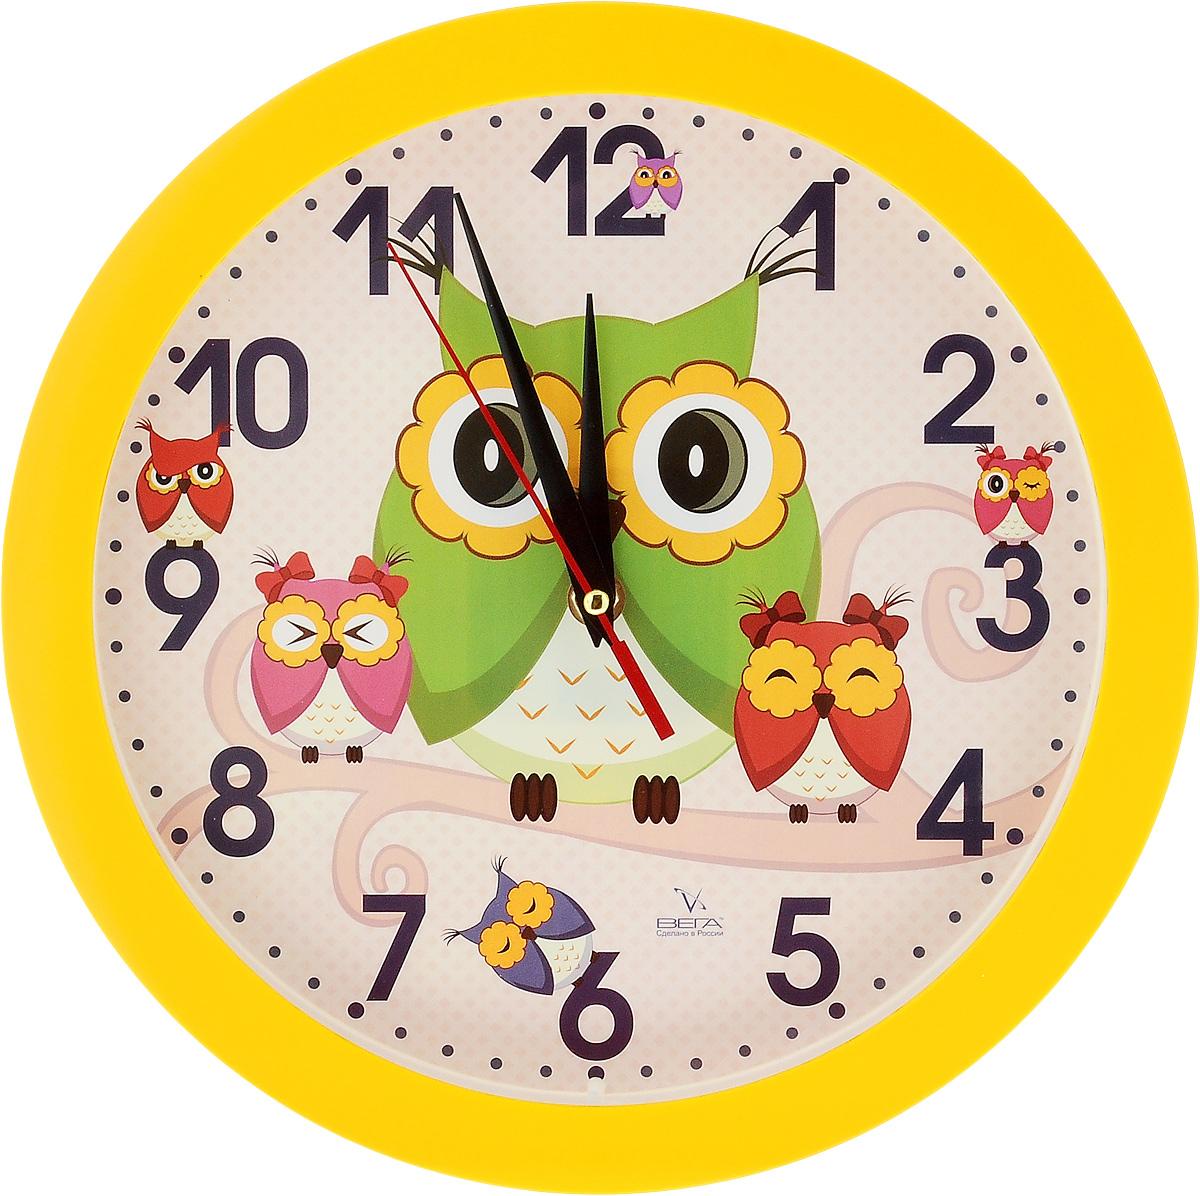 Часы настенные Вега Совы, диаметр 28,5 смН0257Настенные кварцевые часы Вега Совы, изготовленные из пластика, прекрасно впишутся в интерьер вашего дома. Часы имеют три стрелки: часовую, минутную и секундную, циферблат защищен прозрачным стеклом. Часы работают от 1 батарейки типа АА напряжением 1,5 В (не входит в комплект).Диаметр часов: 28,5 см.